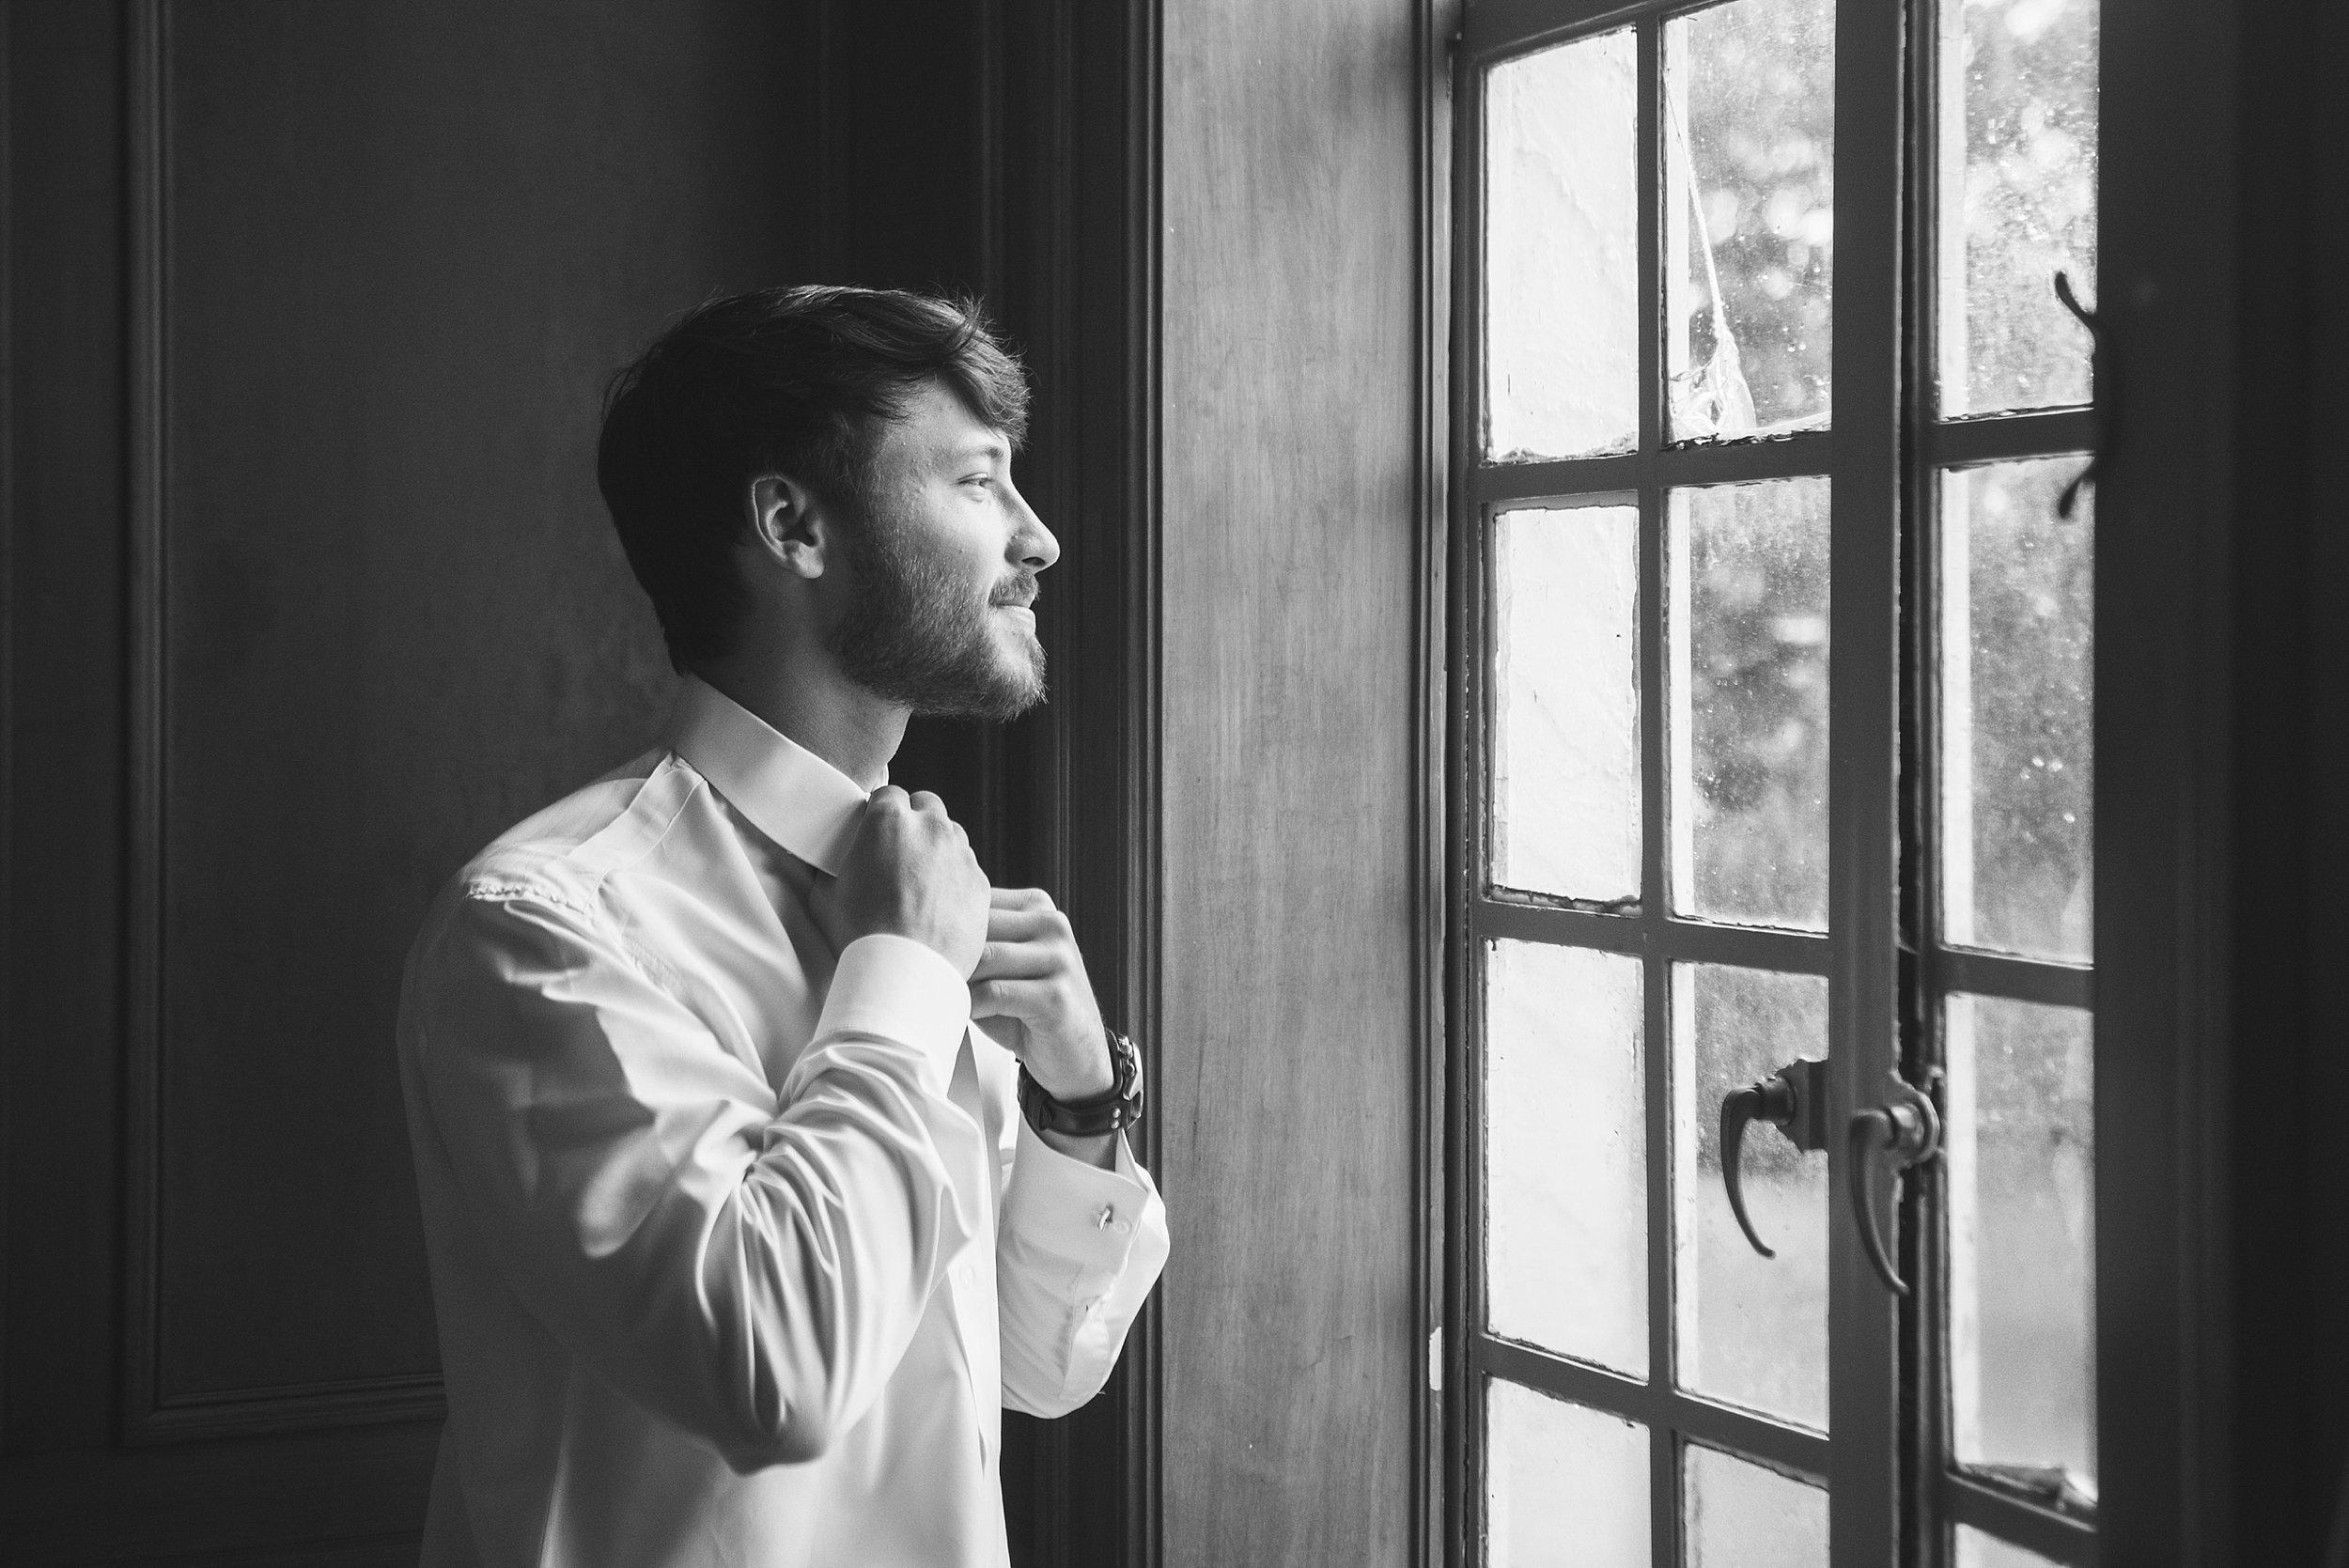 Groom fixes his tie in front of a window